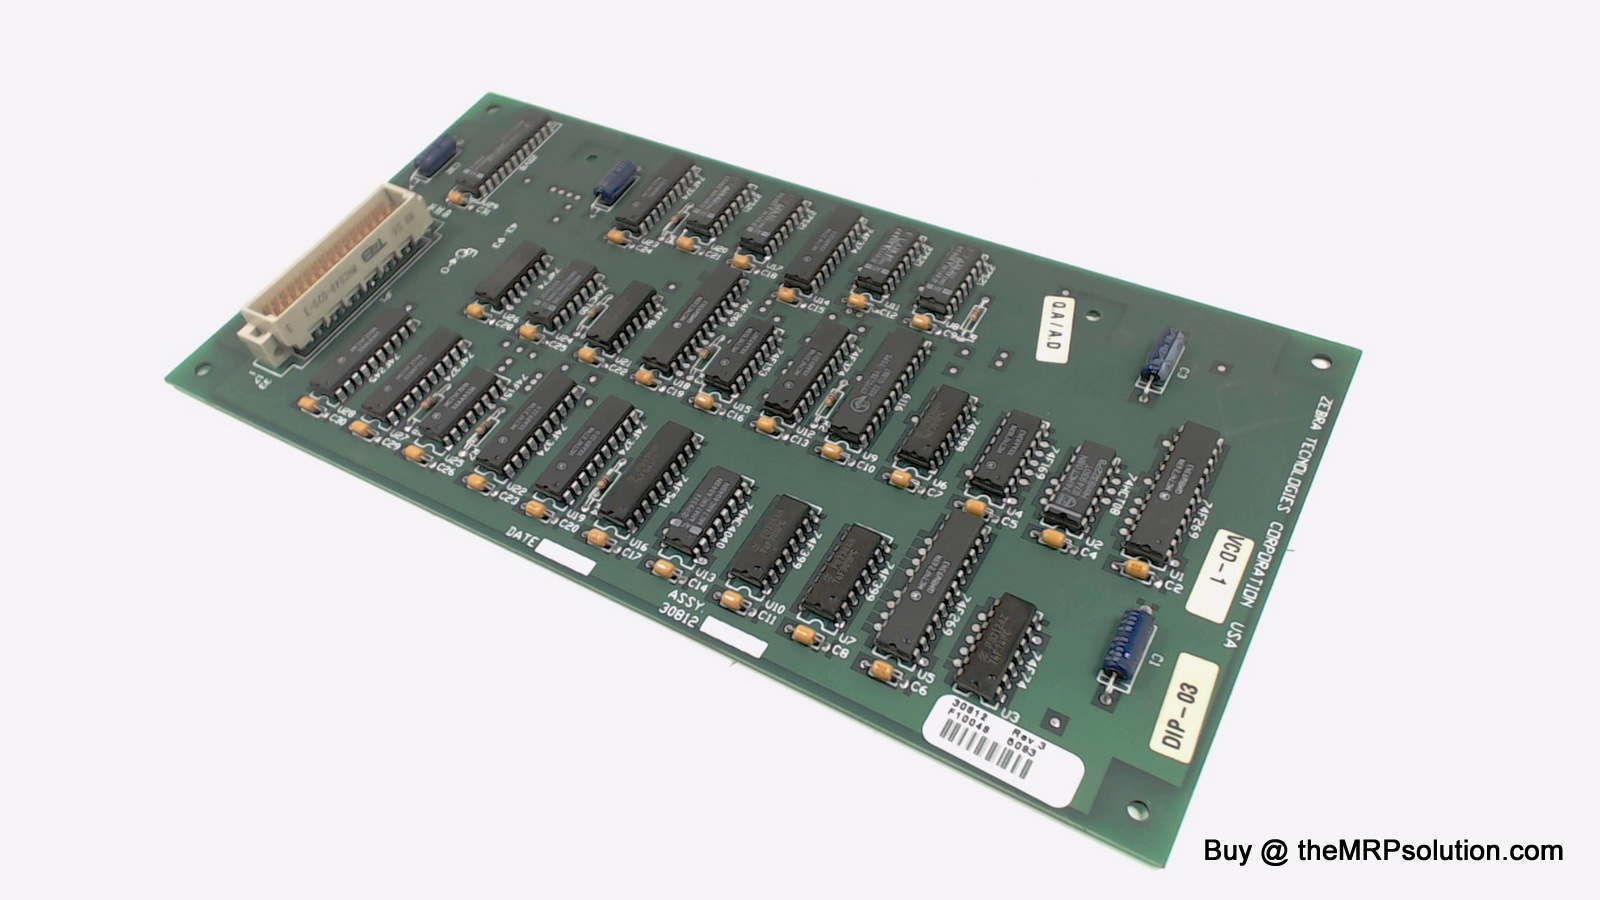 ZEBRA 30812 PWB CONTROLLER, E-CUBED New